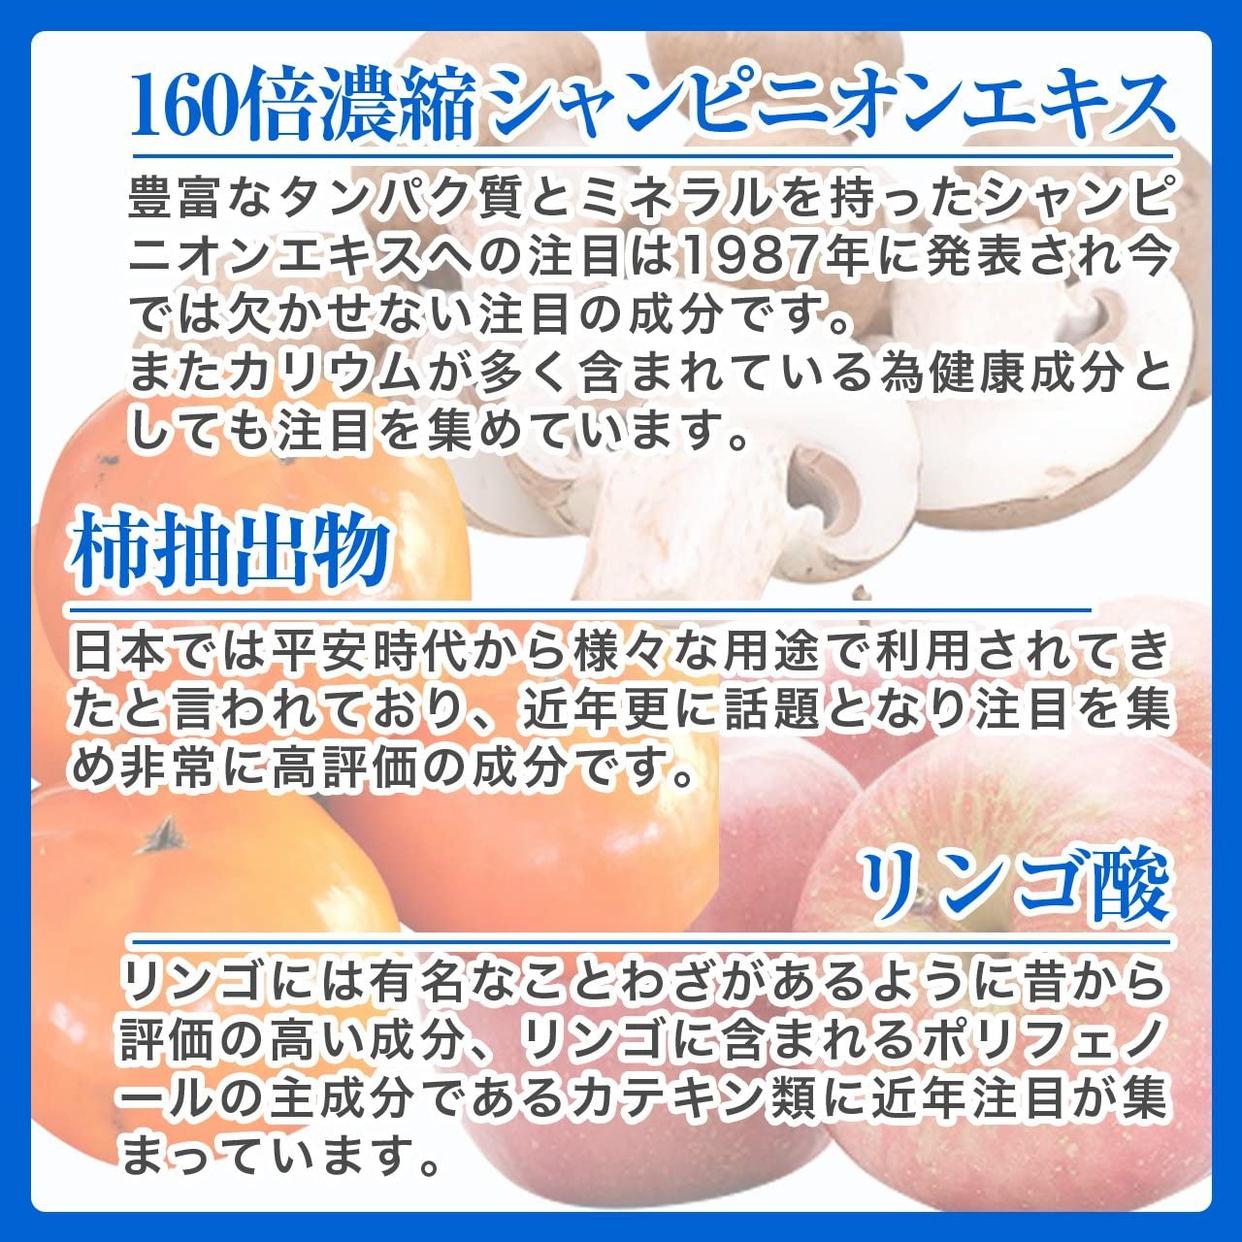 Kirei(キレイ) 美臭生活の商品画像6